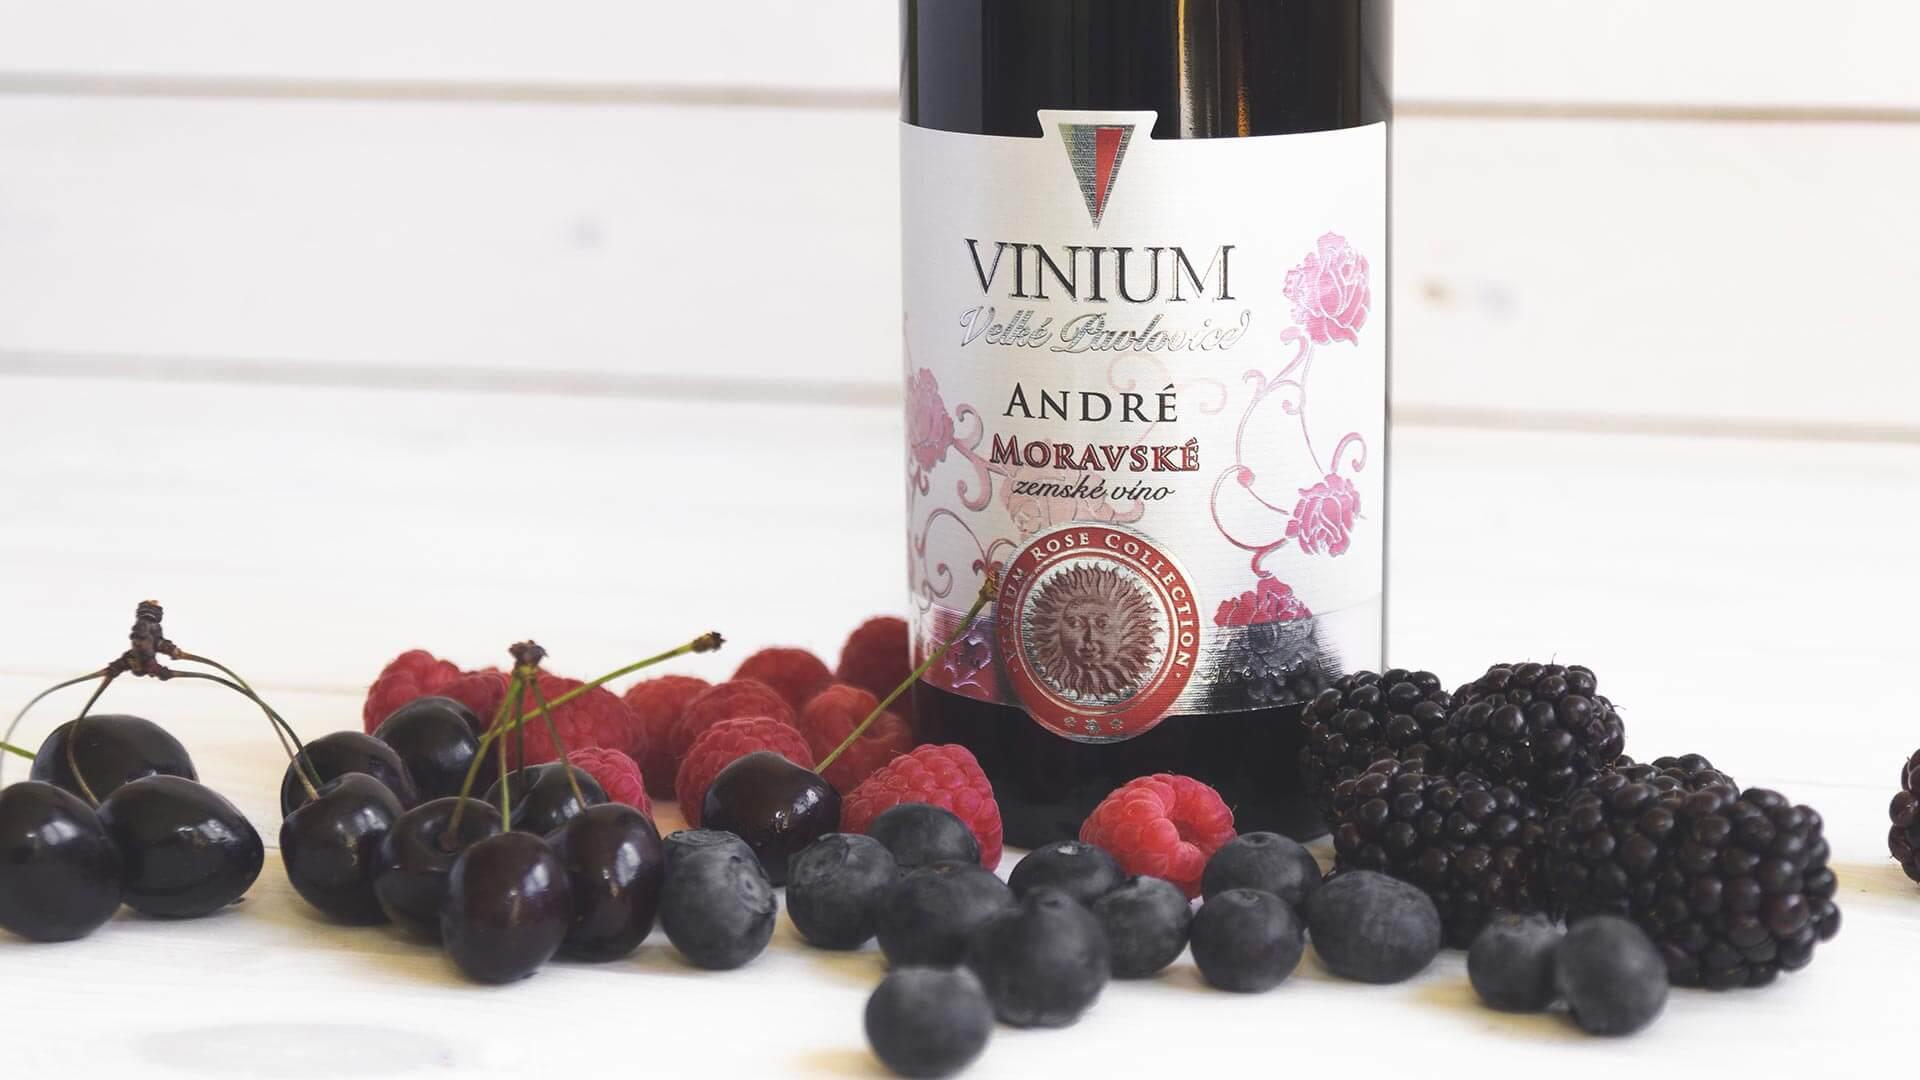 André, zemské víno, Rose Collection – VINIUM Velké Pavlovice